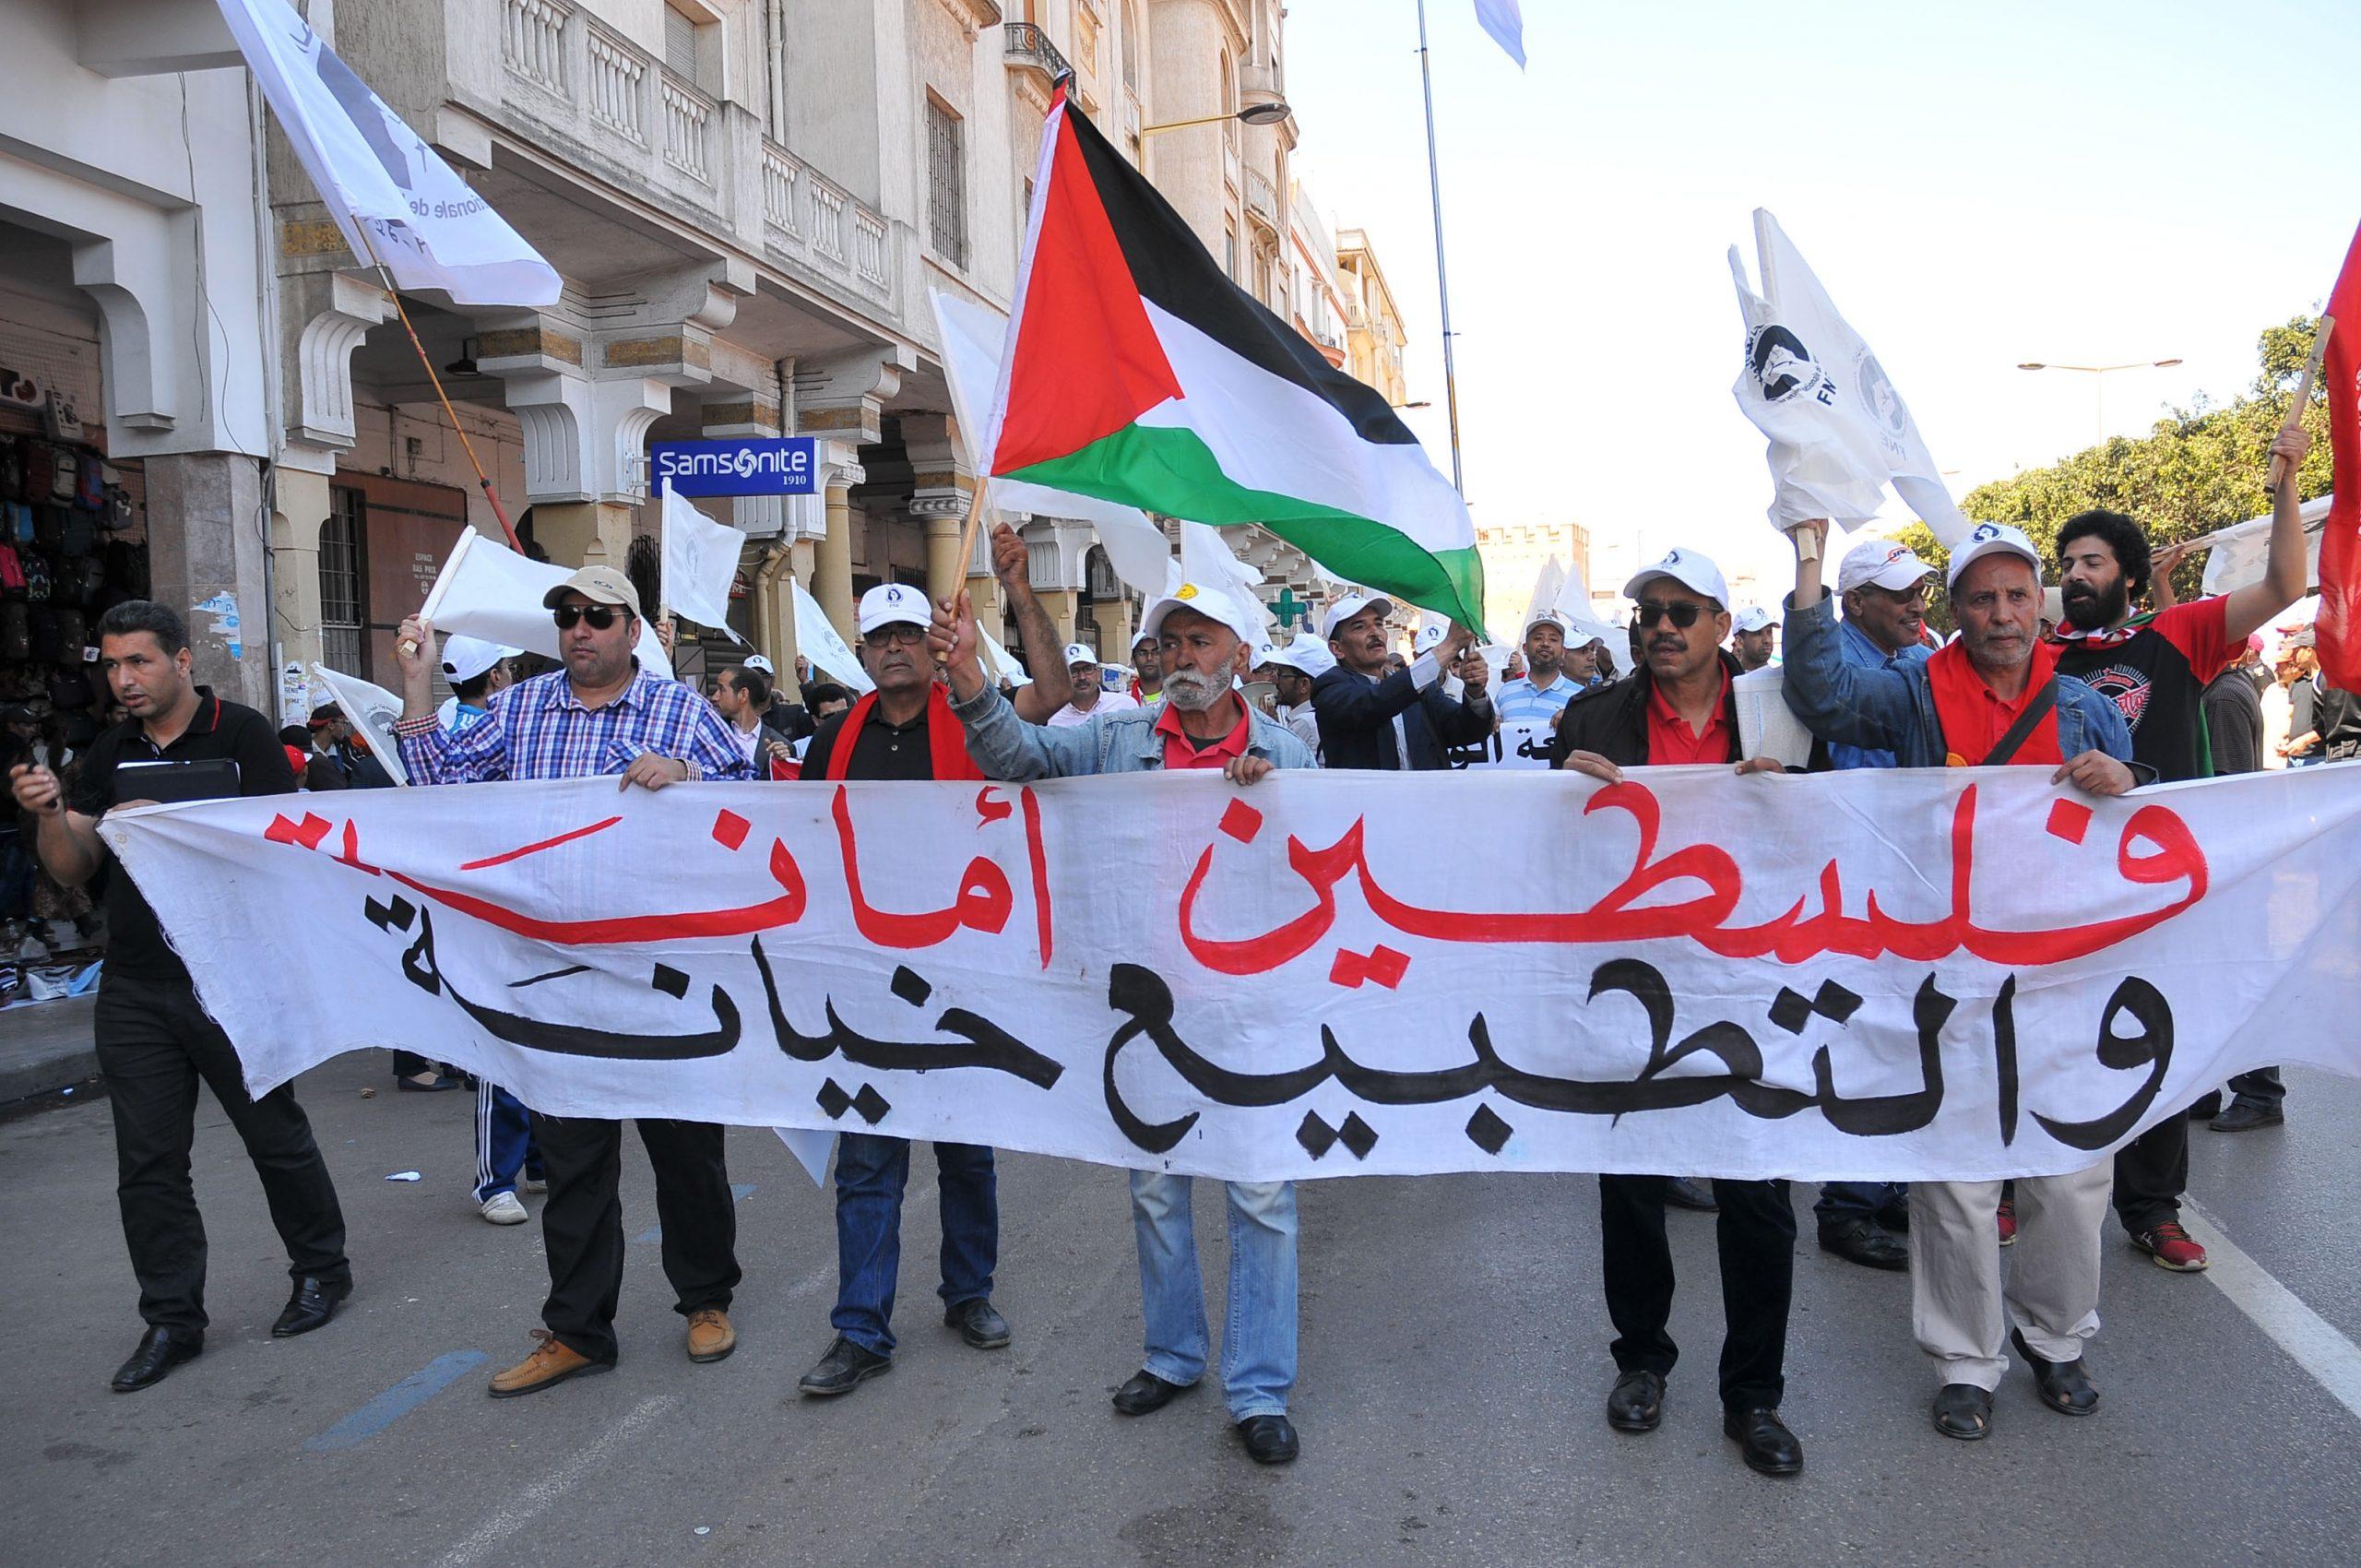 المرصد المغربي لمناهضة التطبيع يقصف القناة الثانية و يحذر الاستخفاف بسيادة و مواقف الشعب المغربي scaled